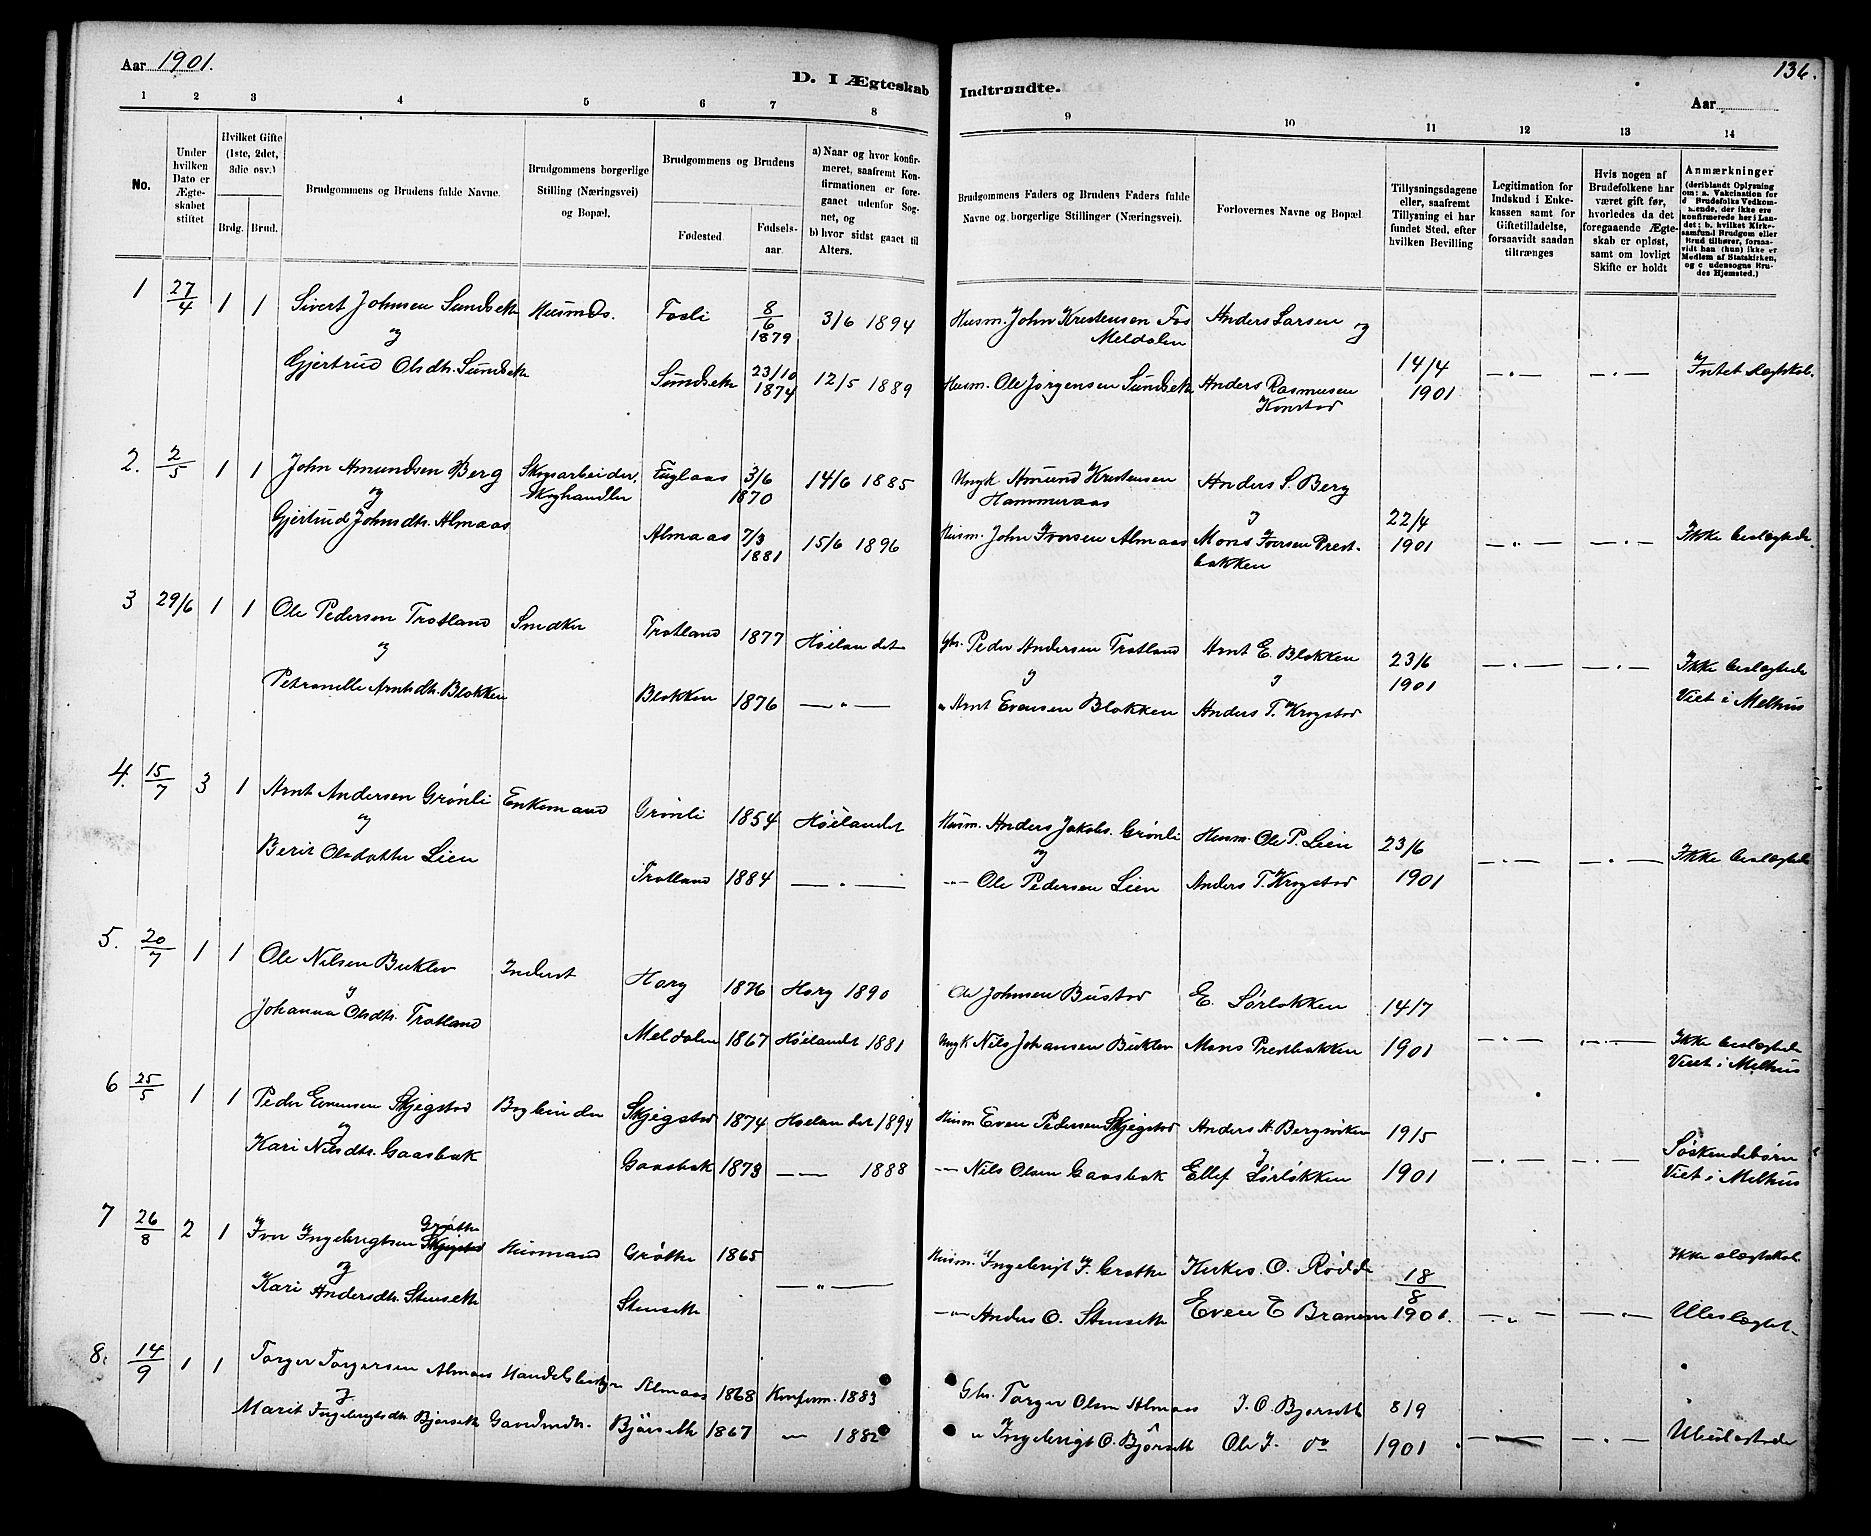 SAT, Ministerialprotokoller, klokkerbøker og fødselsregistre - Sør-Trøndelag, 694/L1132: Klokkerbok nr. 694C04, 1887-1914, s. 136